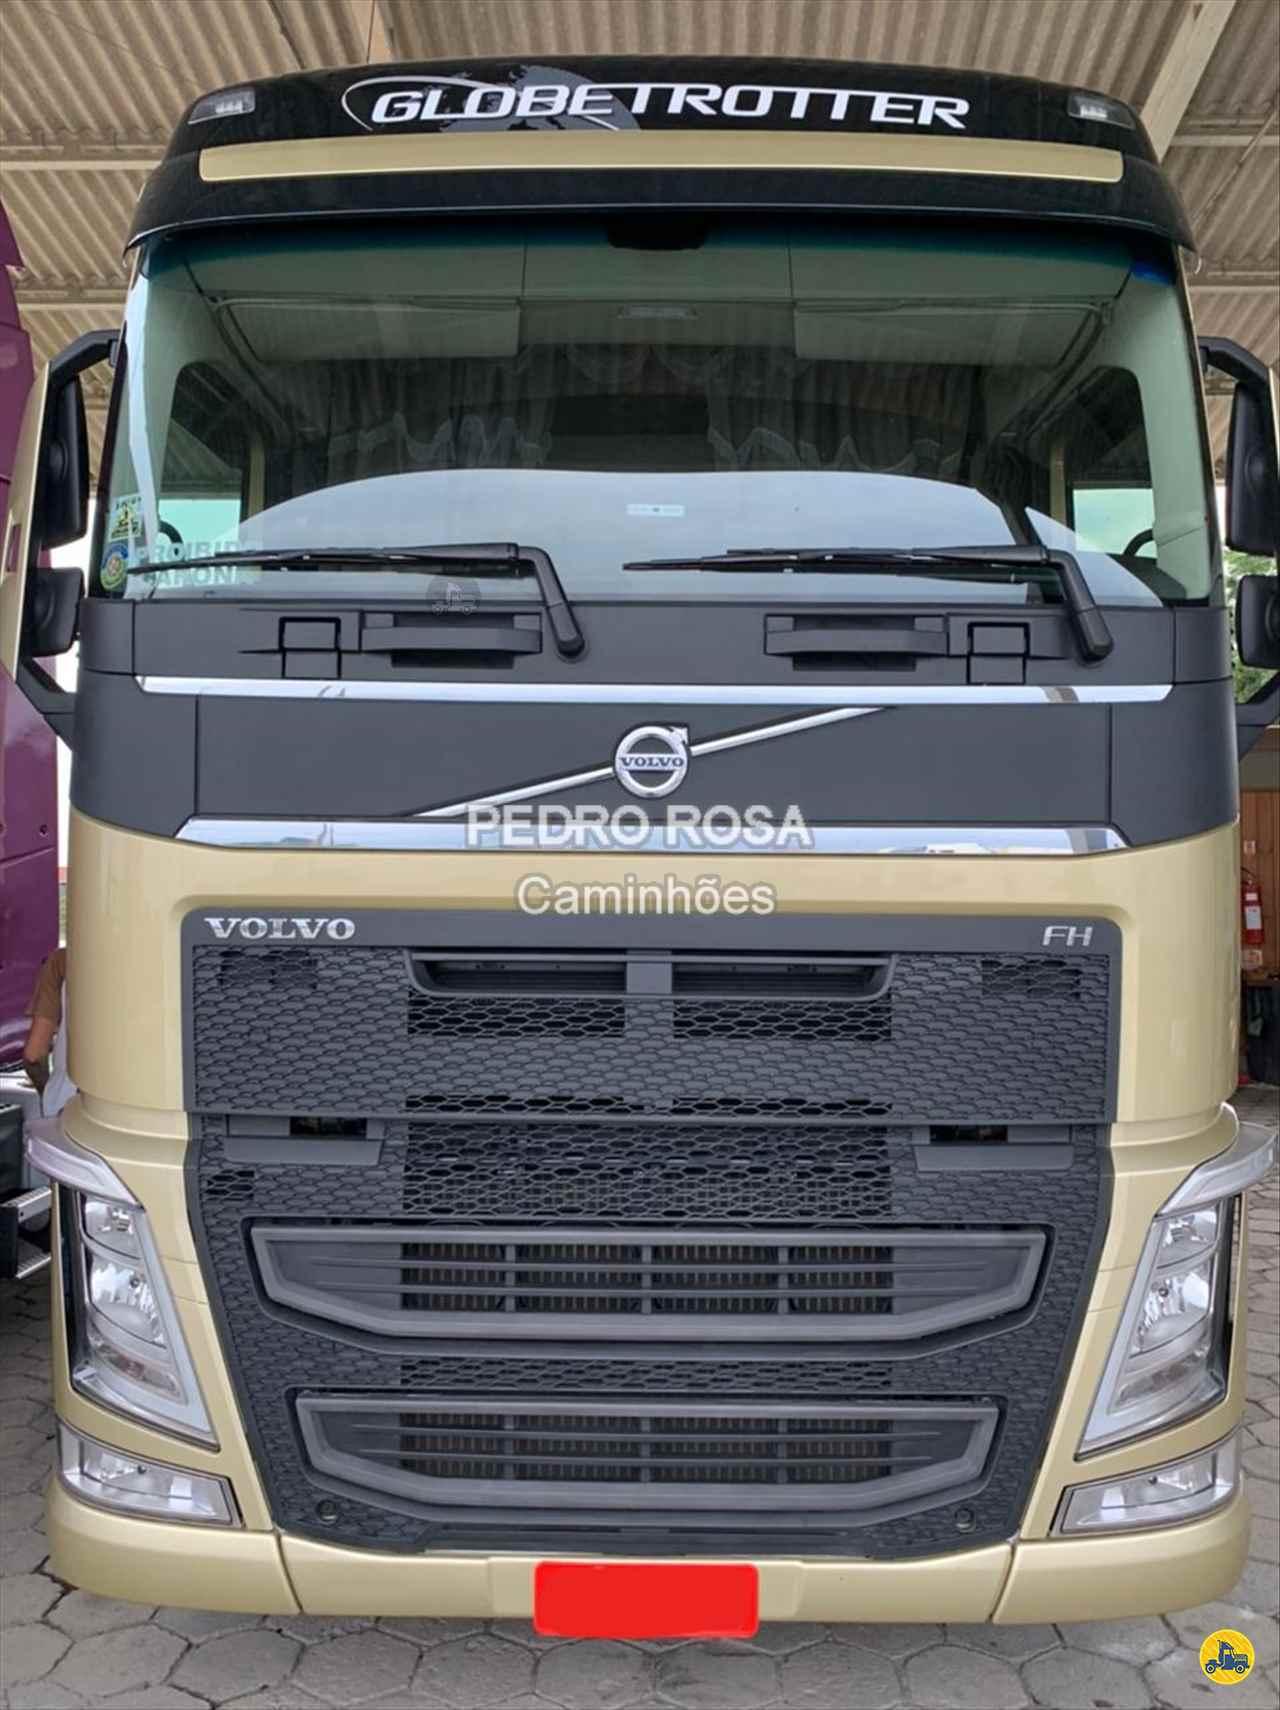 CAMINHAO VOLVO VOLVO FH 500 Cavalo Mecânico Truck 6x2 Pedro Rosa Caminhões PICARRAS SANTA CATARINA SC